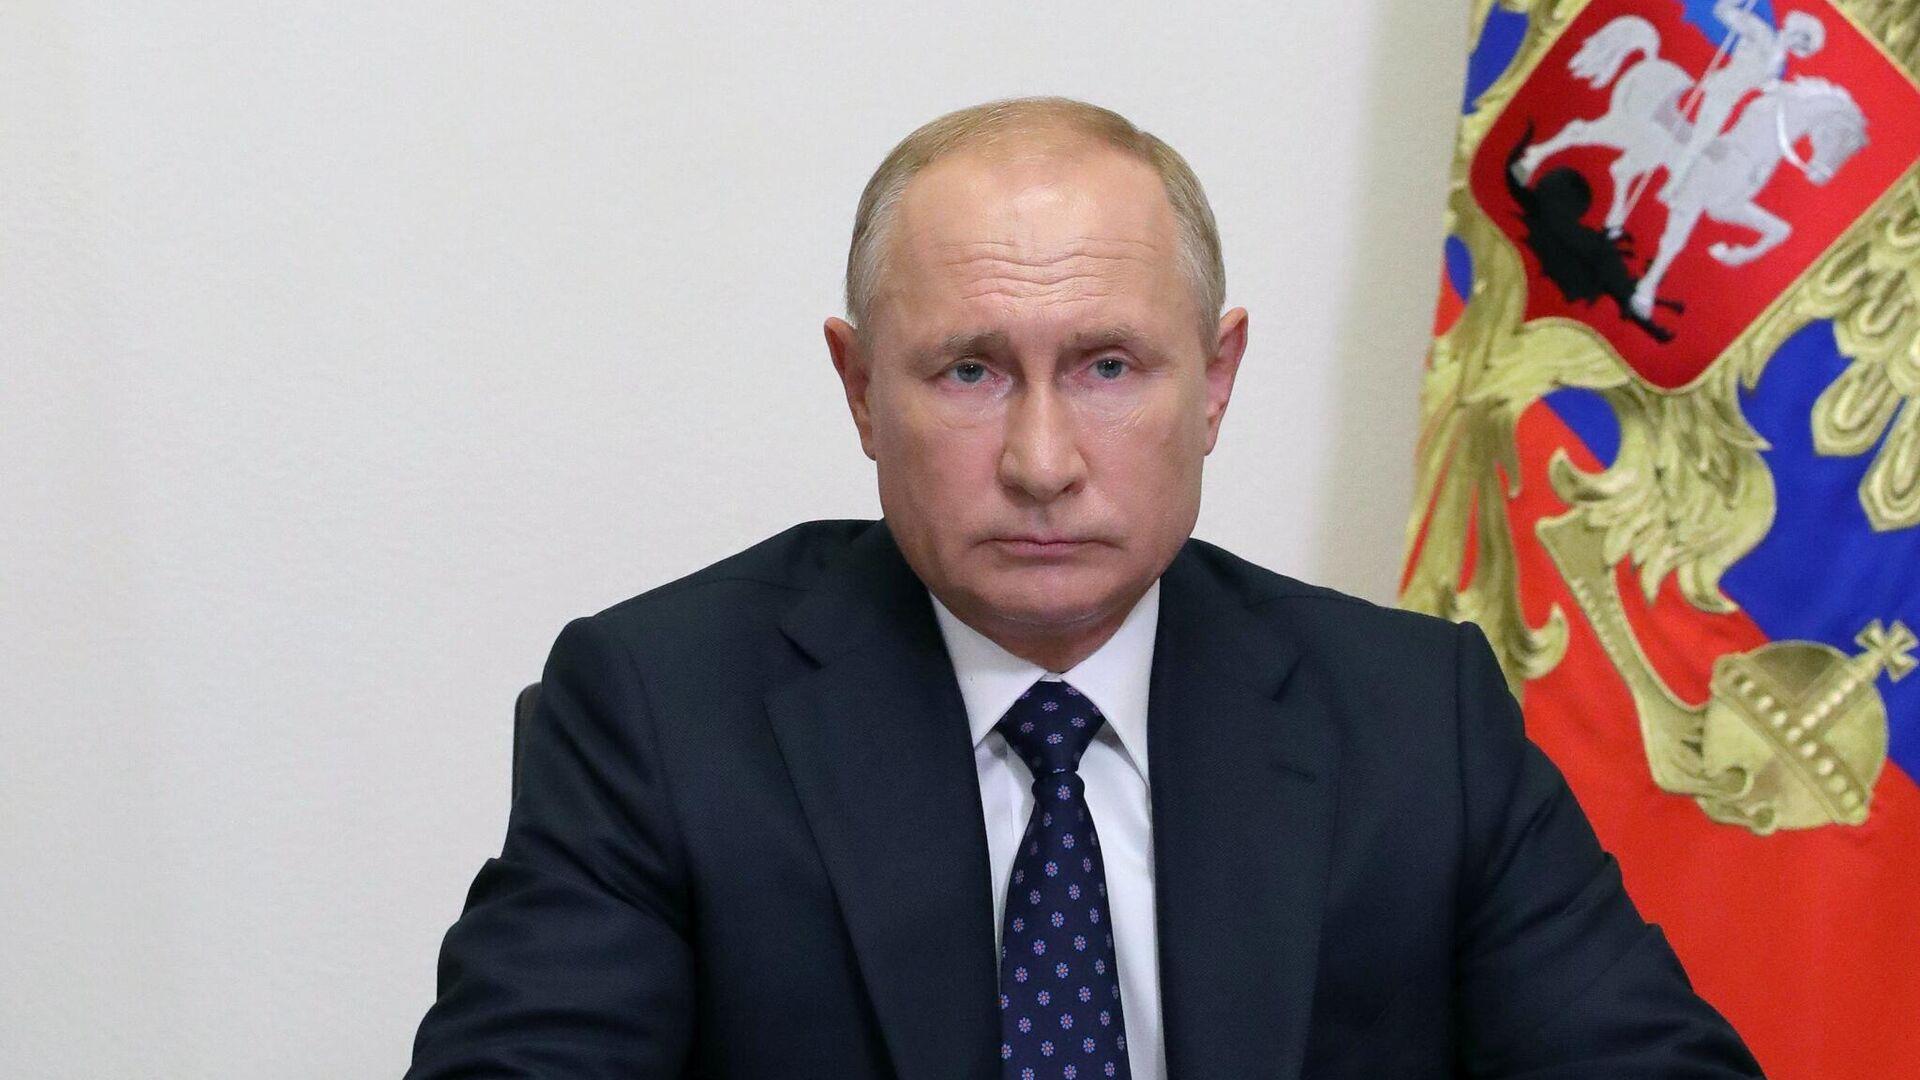 Президент РФ Владимир Путин проводит в режиме видеоконференции совещание с членами правительства РФ - РИА Новости, 1920, 31.08.2020